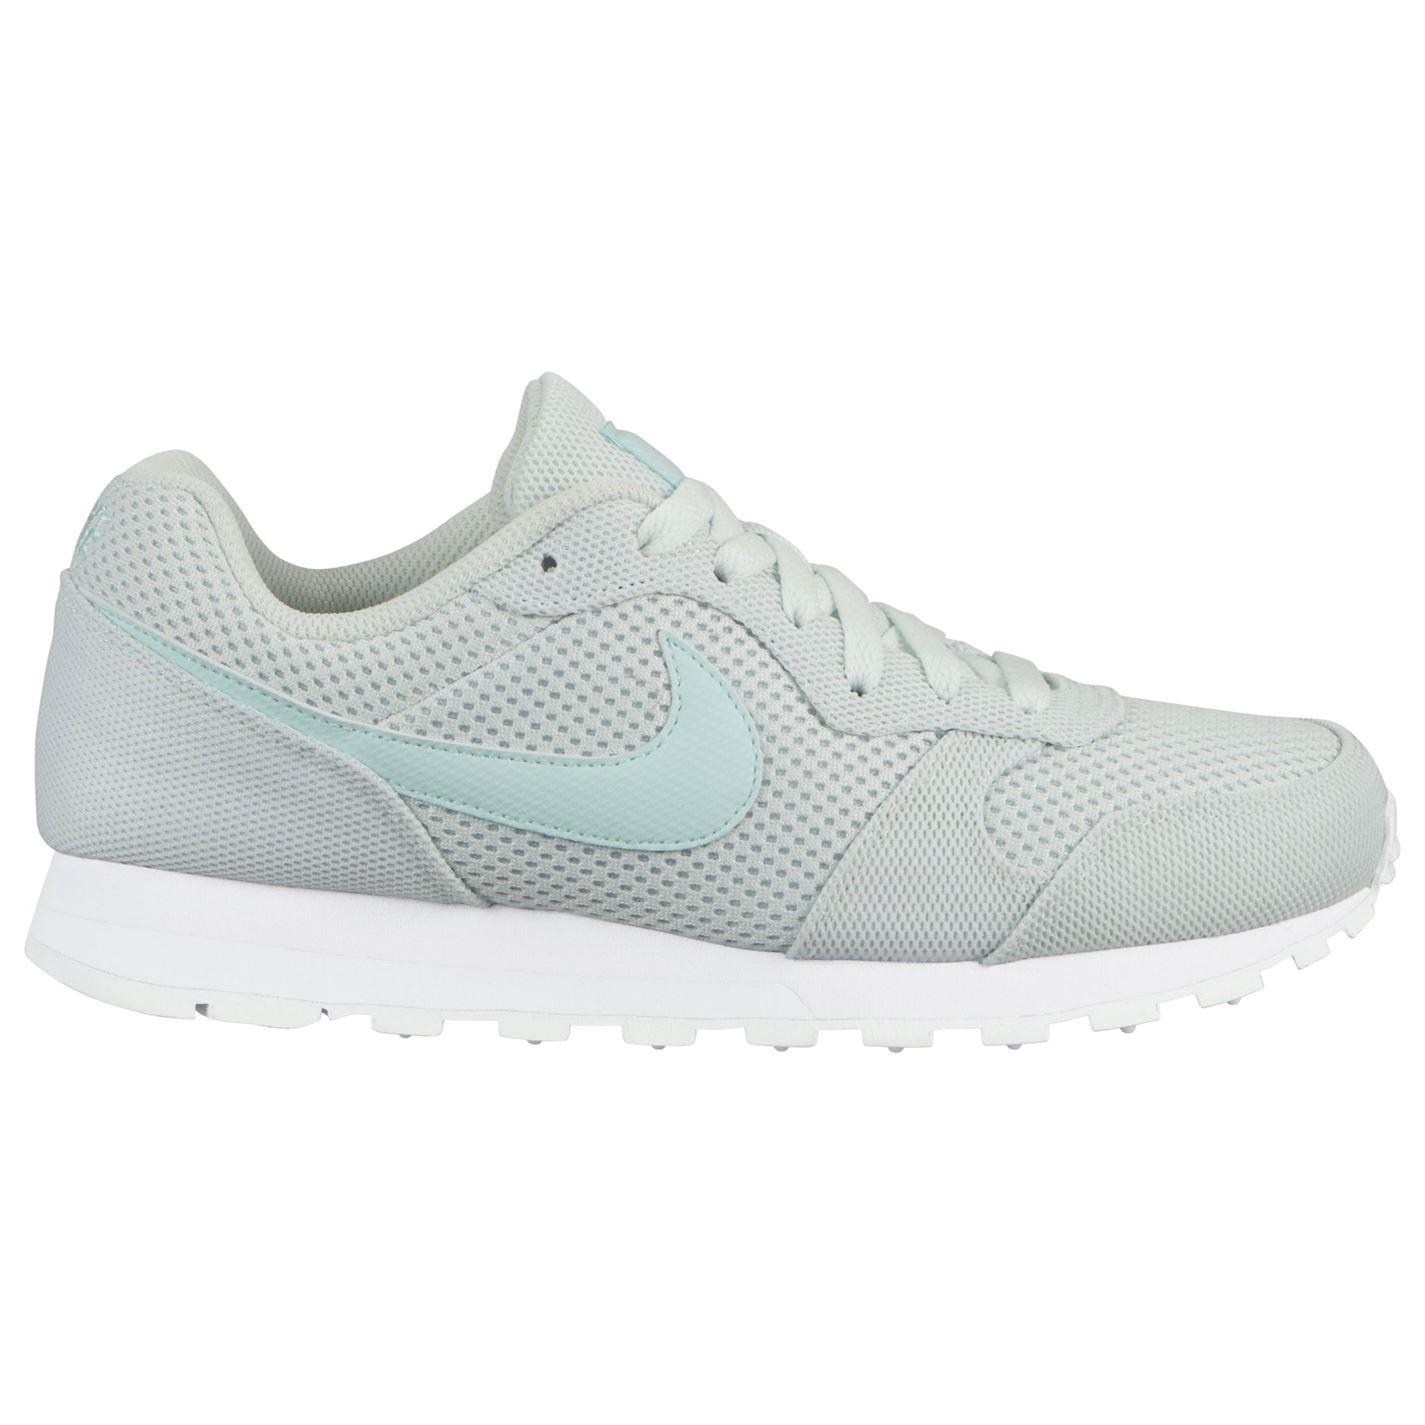 Nike MD Runner 2 Trainers Ladies